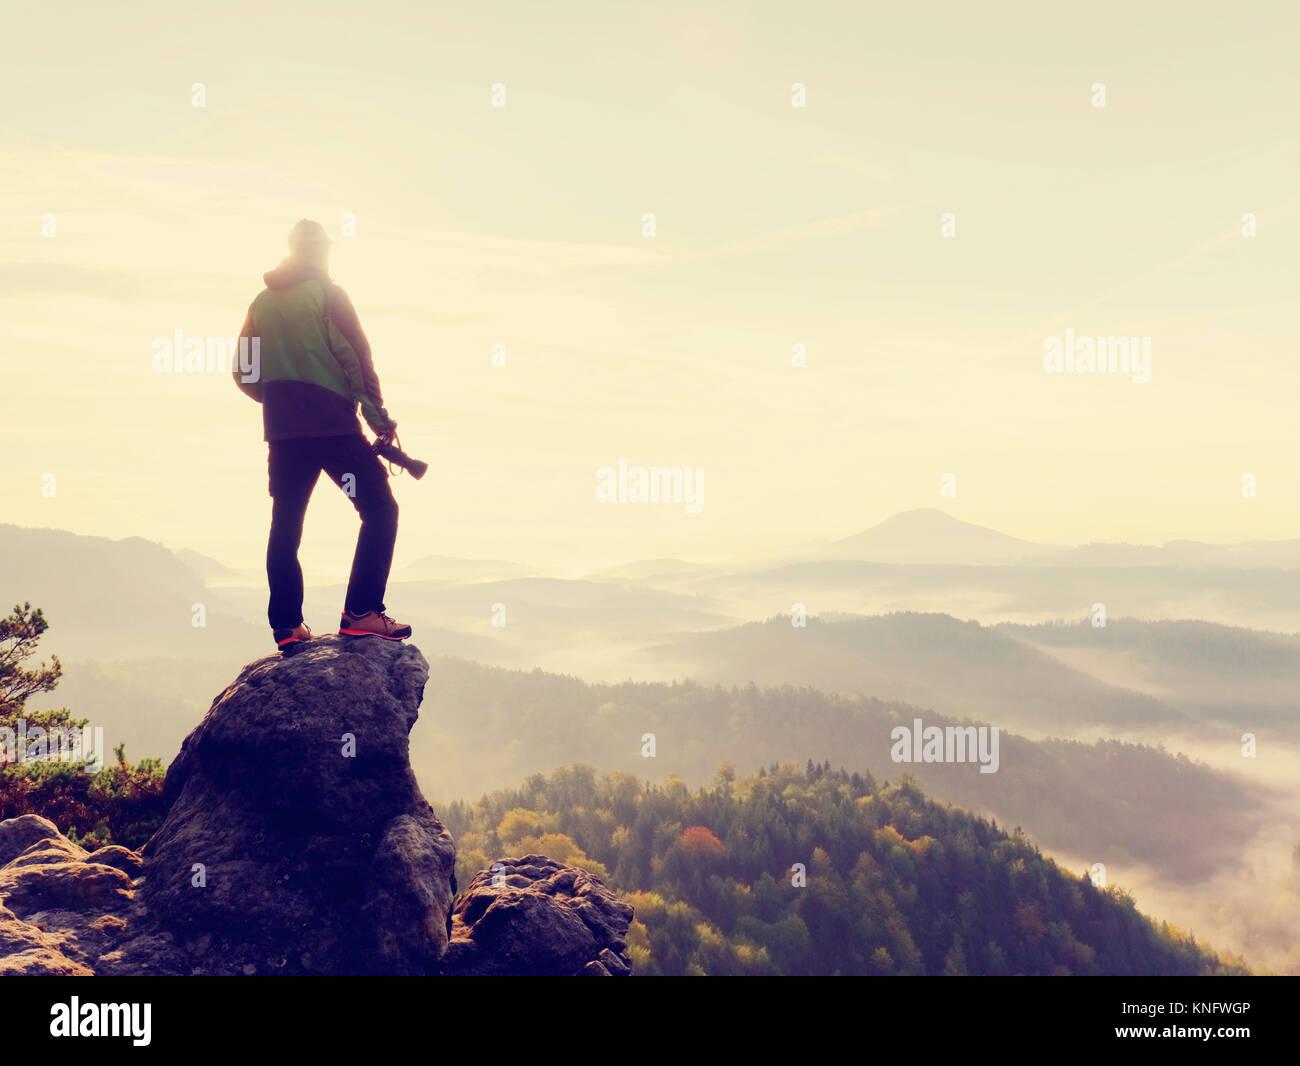 Natur Fotograf in die Aktion. Mann Silhouette vor einem nebligen Morgen Wolken, hügelige Landschaft. Stockbild